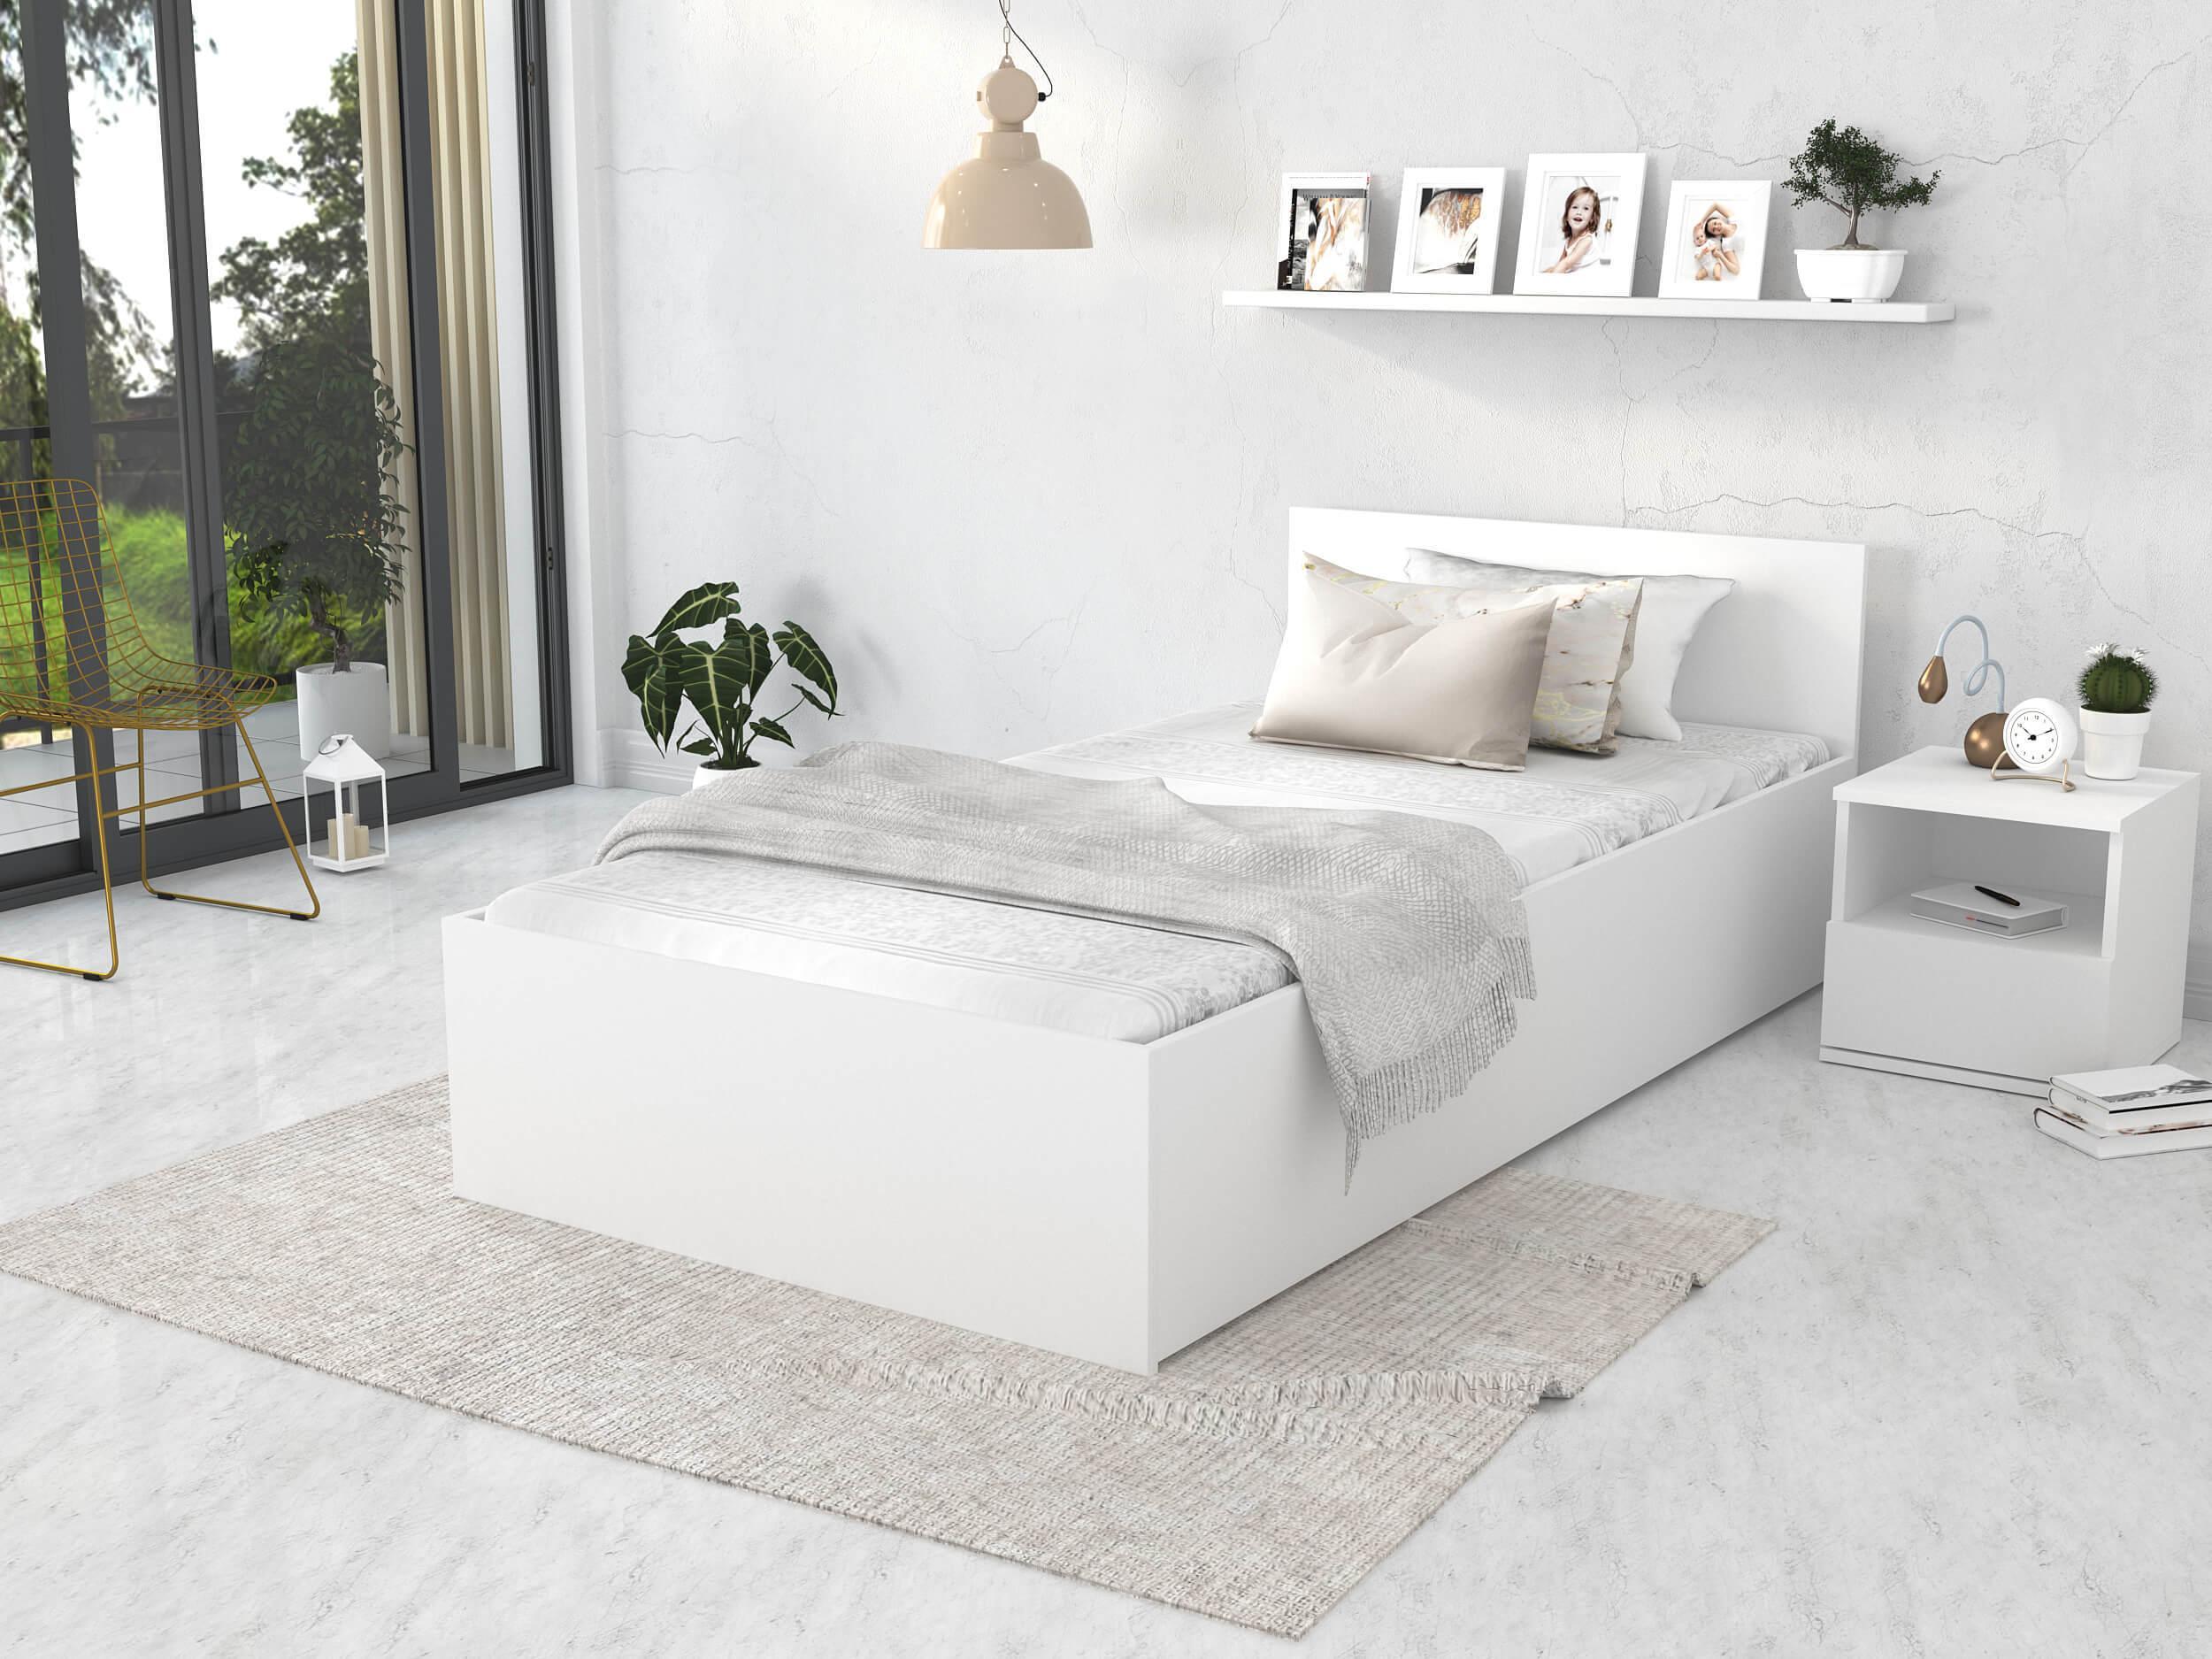 GL Jednolôžková posteľ Dolly - biela Rozmer: 200x90